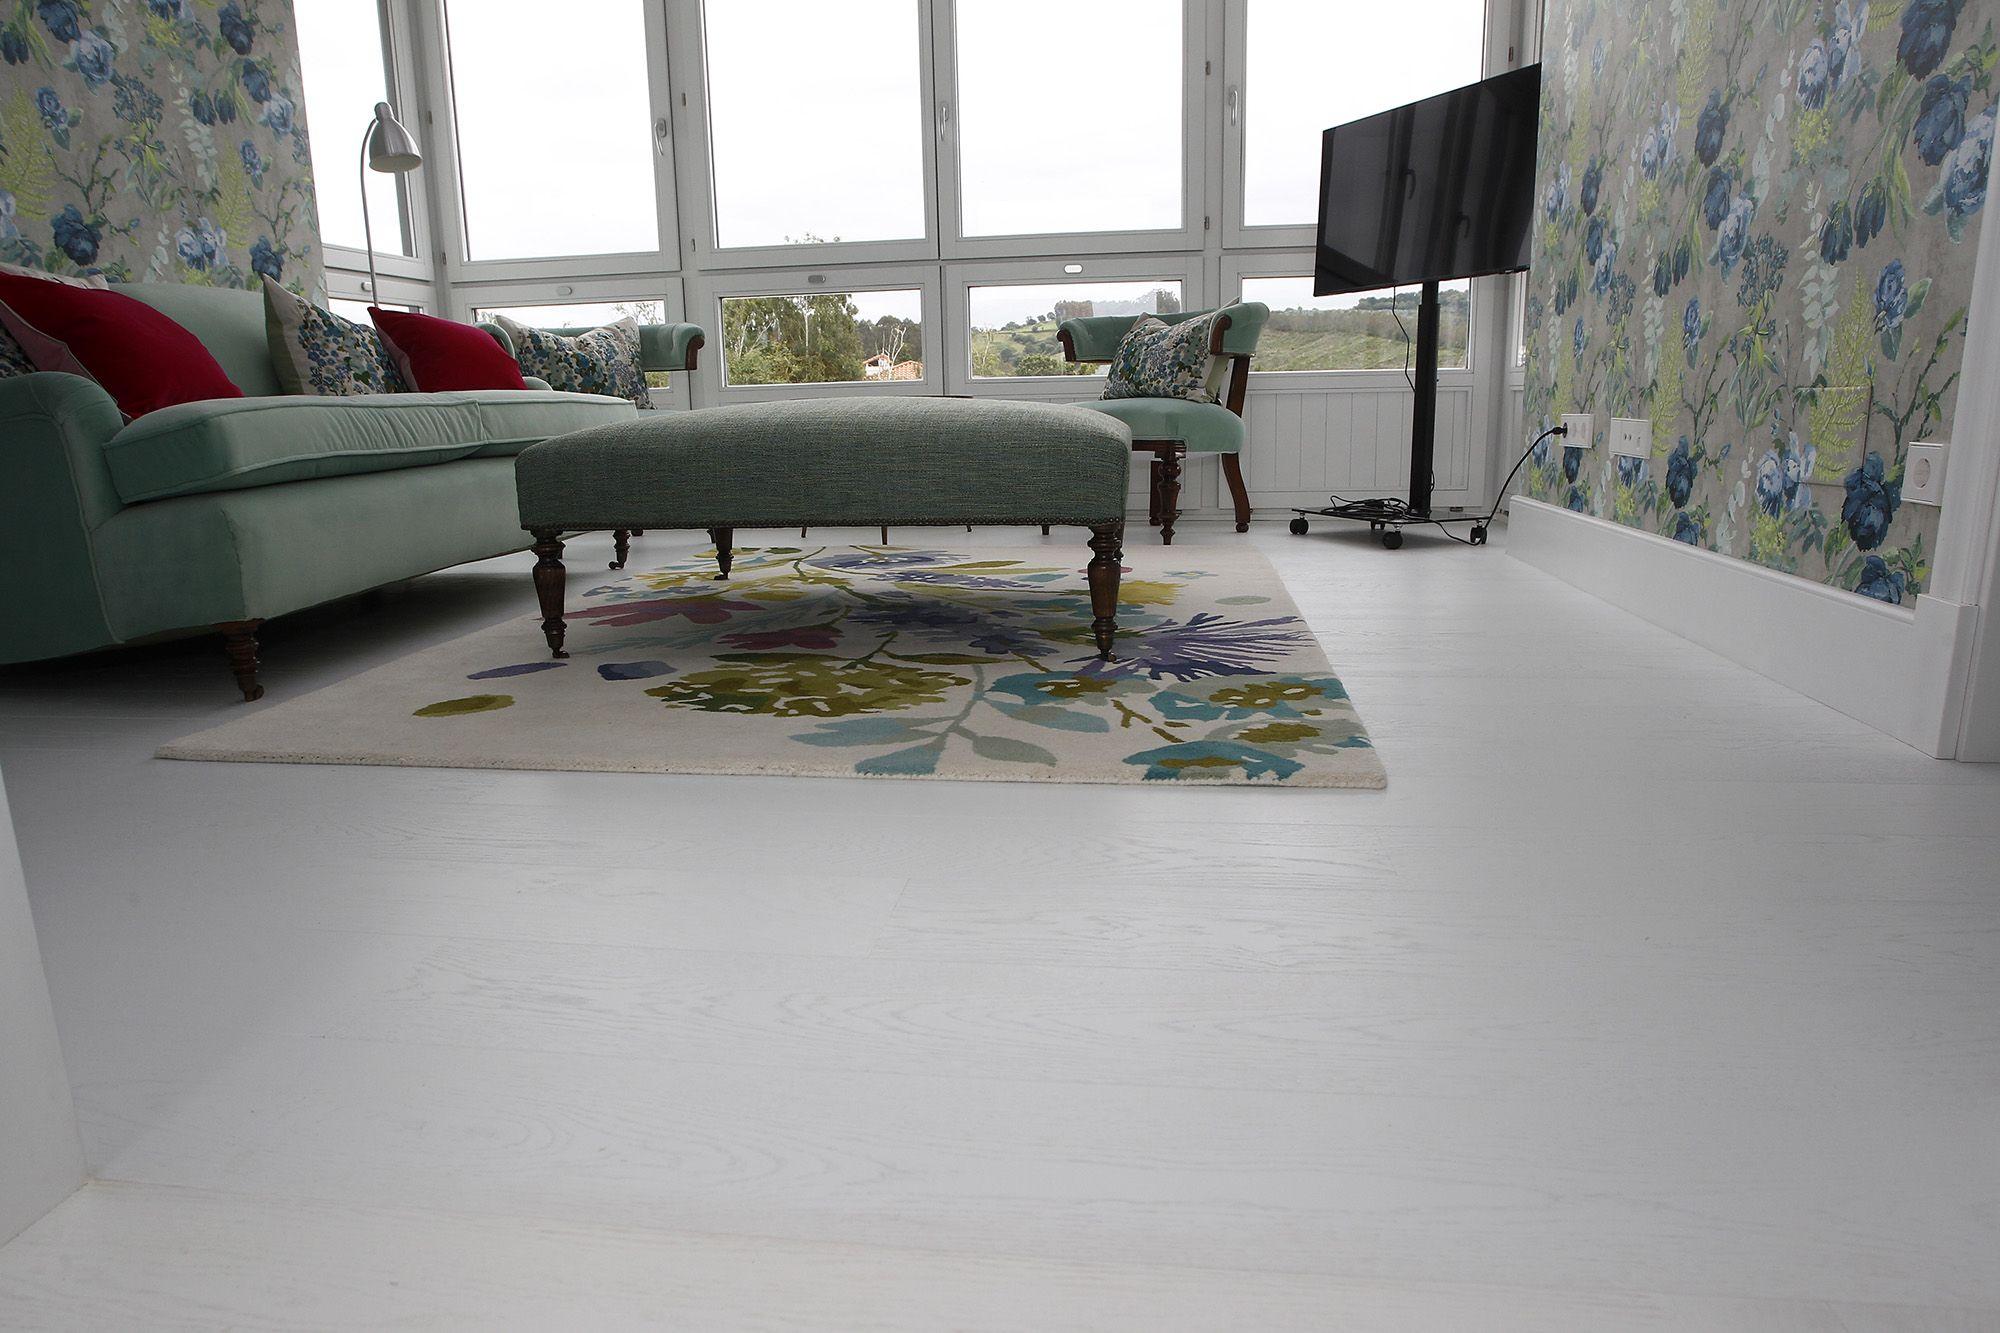 sala de estar con suelo de parquet blanco